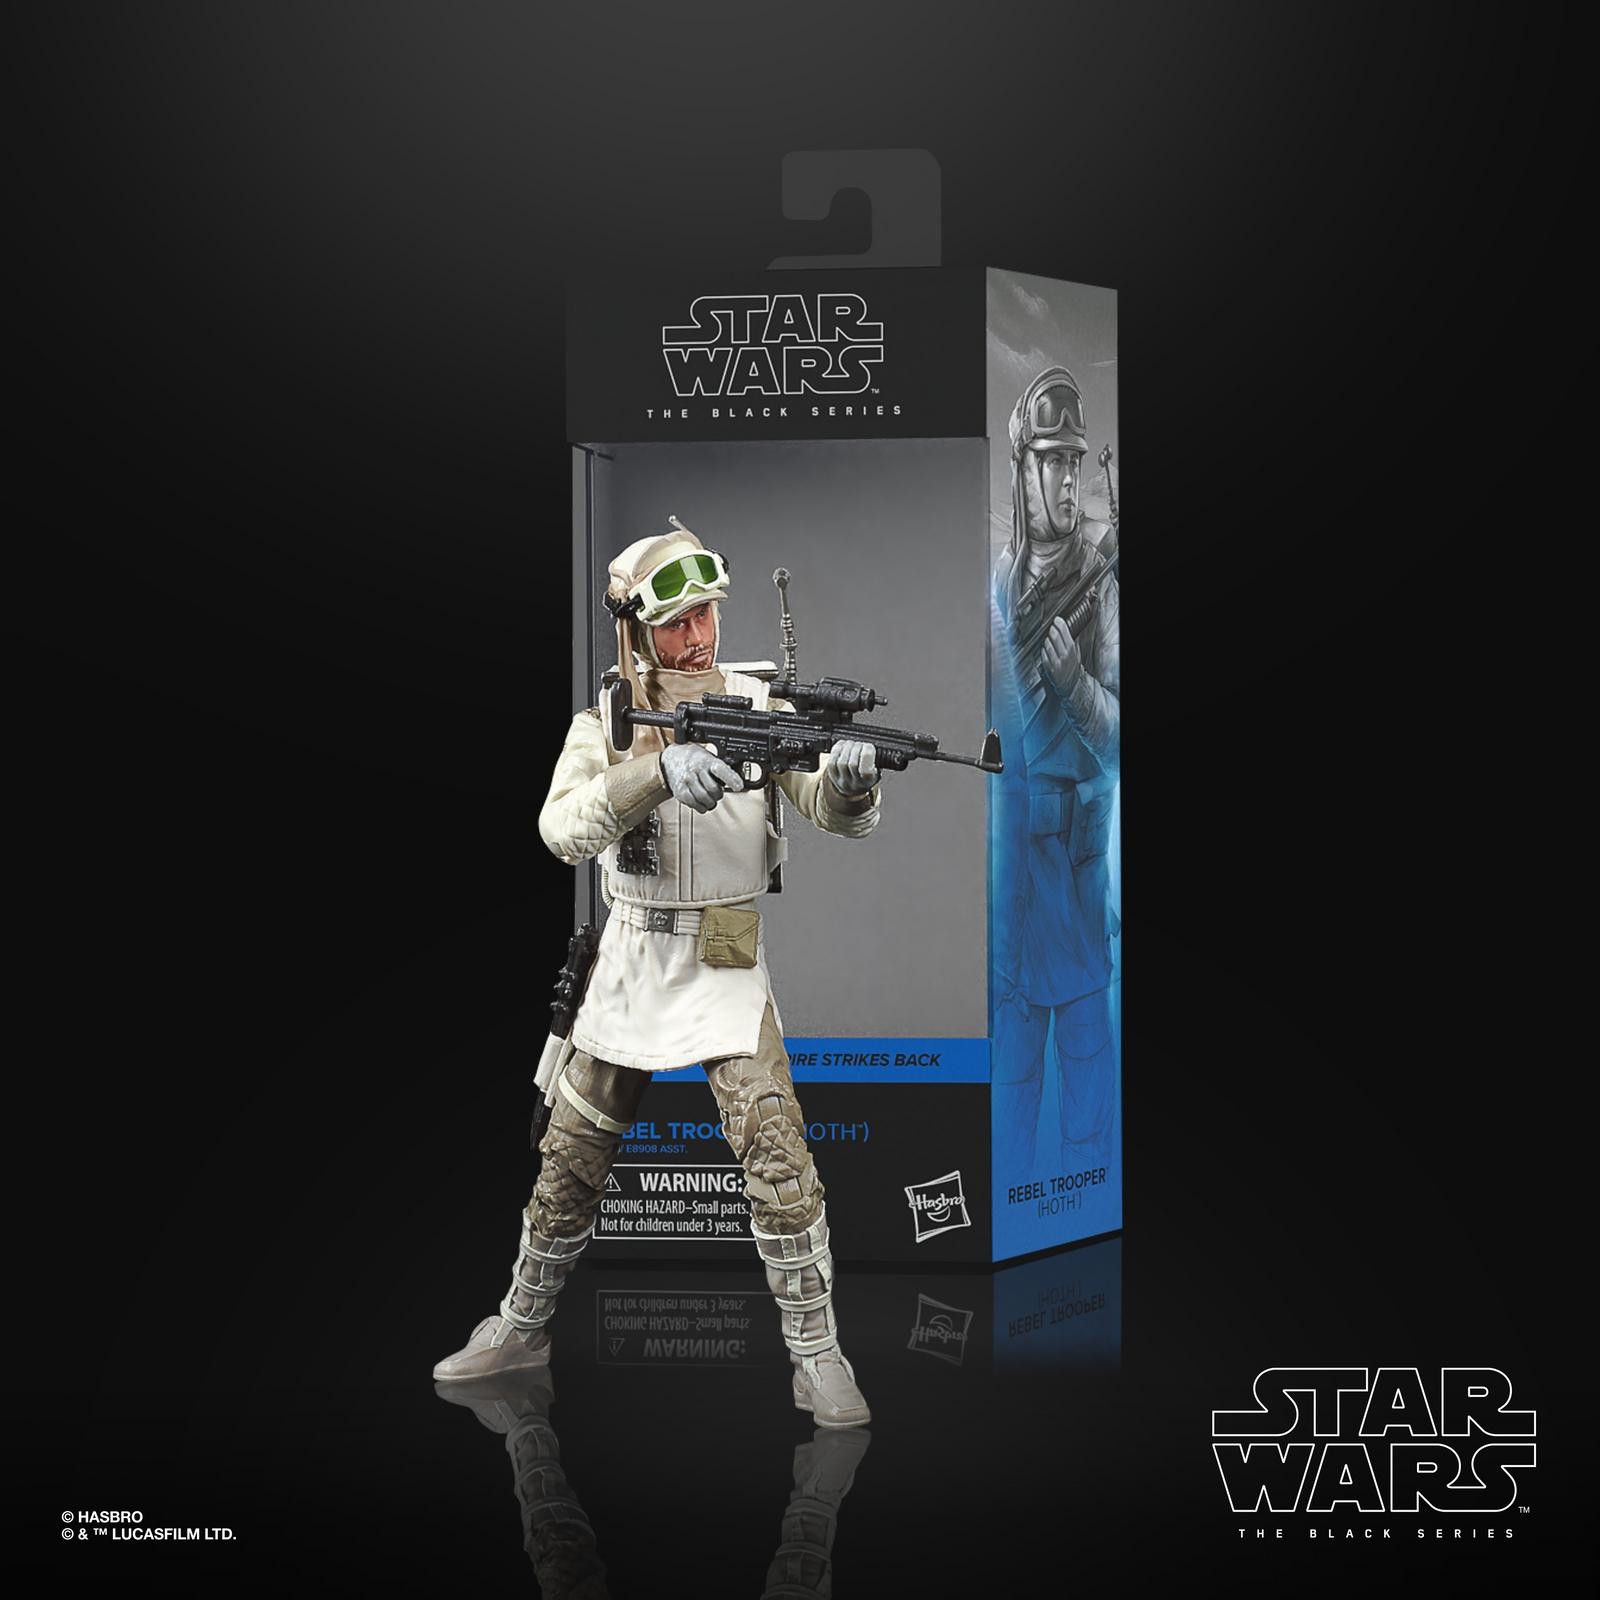 star_wars_the_black_series_6-inch_rebel_trooper_hoth_figure_pckging_2.jpg